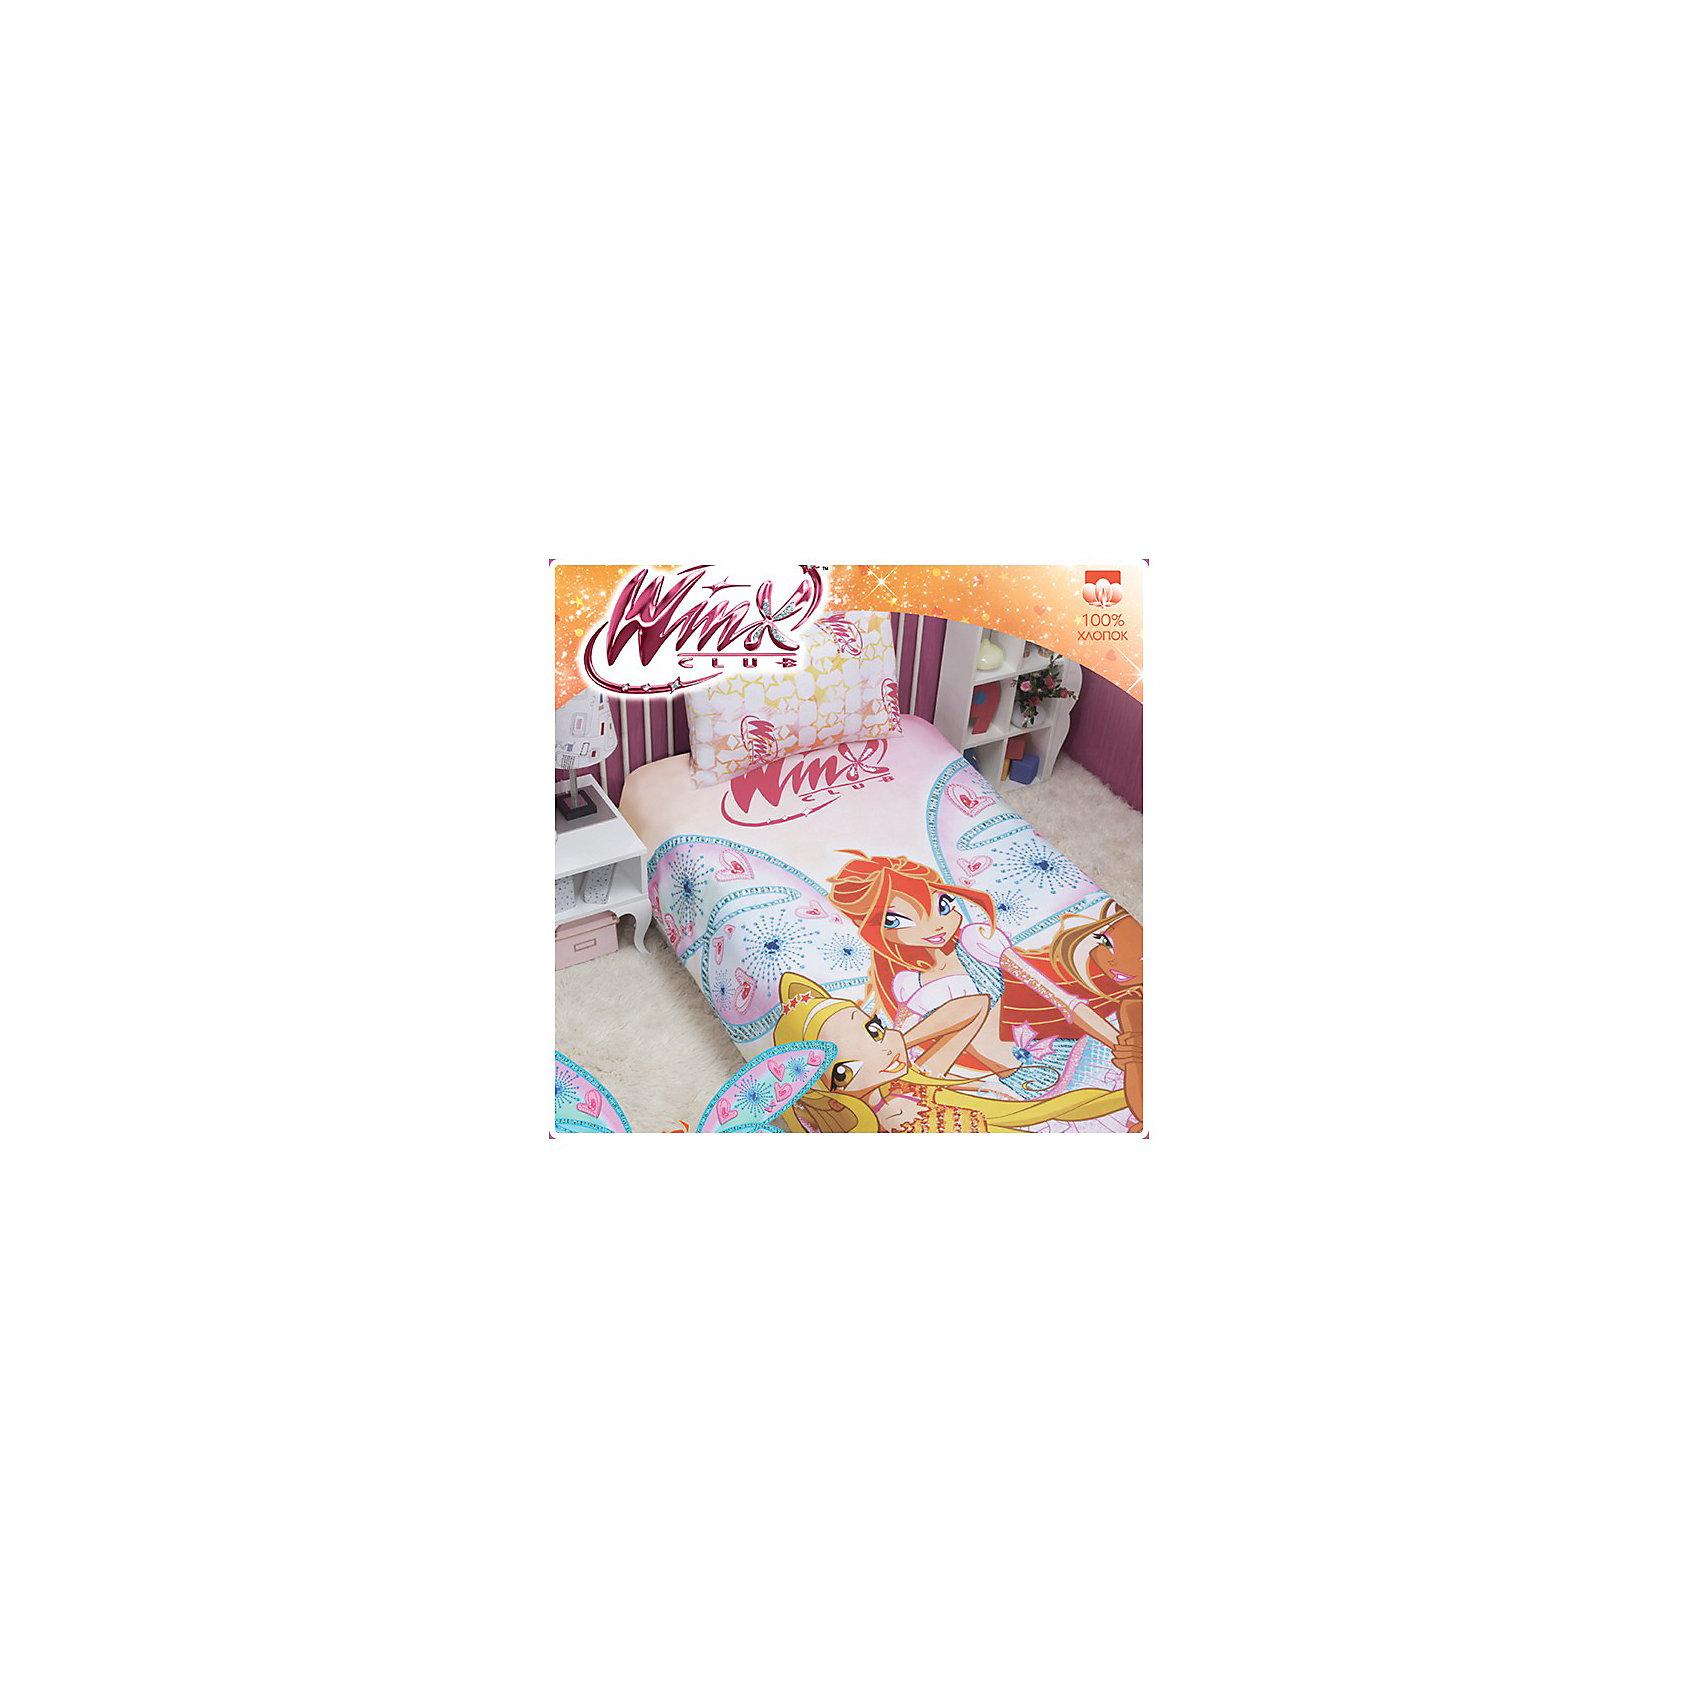 Постельное белье детское Фея, 1,5-спальный, Winx ClubWinx Club<br>Постельноге белье Winx Club Fairy с  героями любимого мультфильма станет прекрасным подарком для Вашего ребенка. Героини культового мультсериала для девочек изображены на постельном белье ведущего российского производителя.<br><br>Дополнительная информация:<br><br>- Размер комплекта: полутораспальный.<br>- Состав: хлопок 100%<br>- В комплекте: 1 наволочка, 1 пододеяльник и 1 простыня.<br>- наволочка: 50*70 см<br>- простыня: 150*215 см<br>- пододеяльник: 145*210 см<br>- Основной цвет: розовый.<br>- Серия: Winx (Винкс) - Школа Волшебниц<br><br>Комплект постельного белья Winx Club Fairy марки Мона-Лиза можно приобрести в нашем интернет-магазине.<br><br>Ширина мм: 310<br>Глубина мм: 250<br>Высота мм: 70<br>Вес г: 1000<br>Возраст от месяцев: 36<br>Возраст до месяцев: 144<br>Пол: Женский<br>Возраст: Детский<br>SKU: 3236515